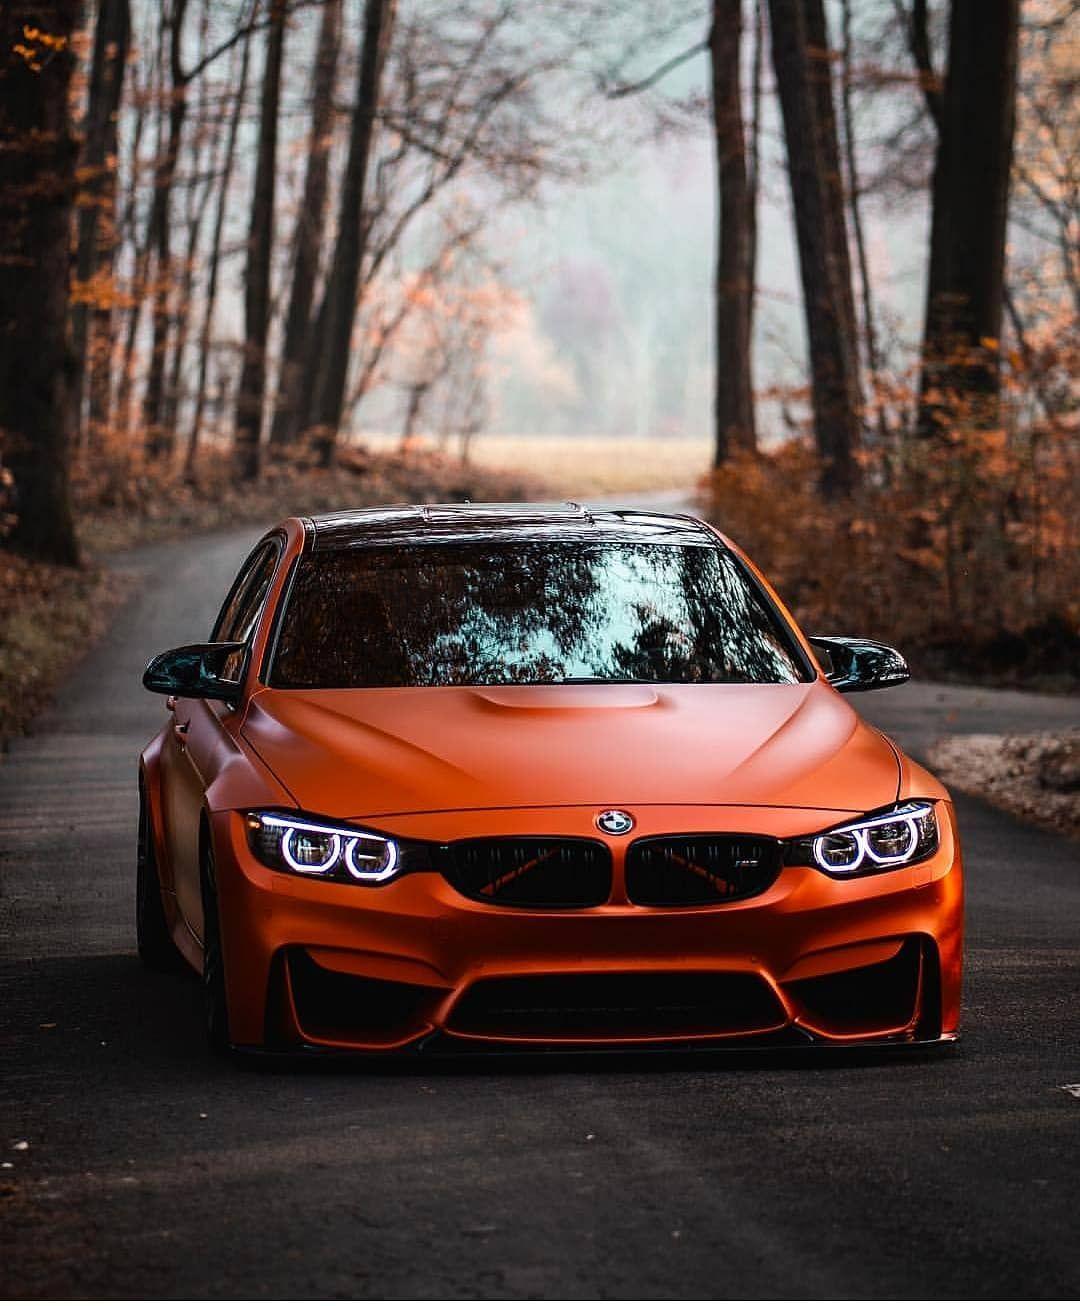 Pin by benabdellah abdellatif on BMW Dream cars bmw, Bmw